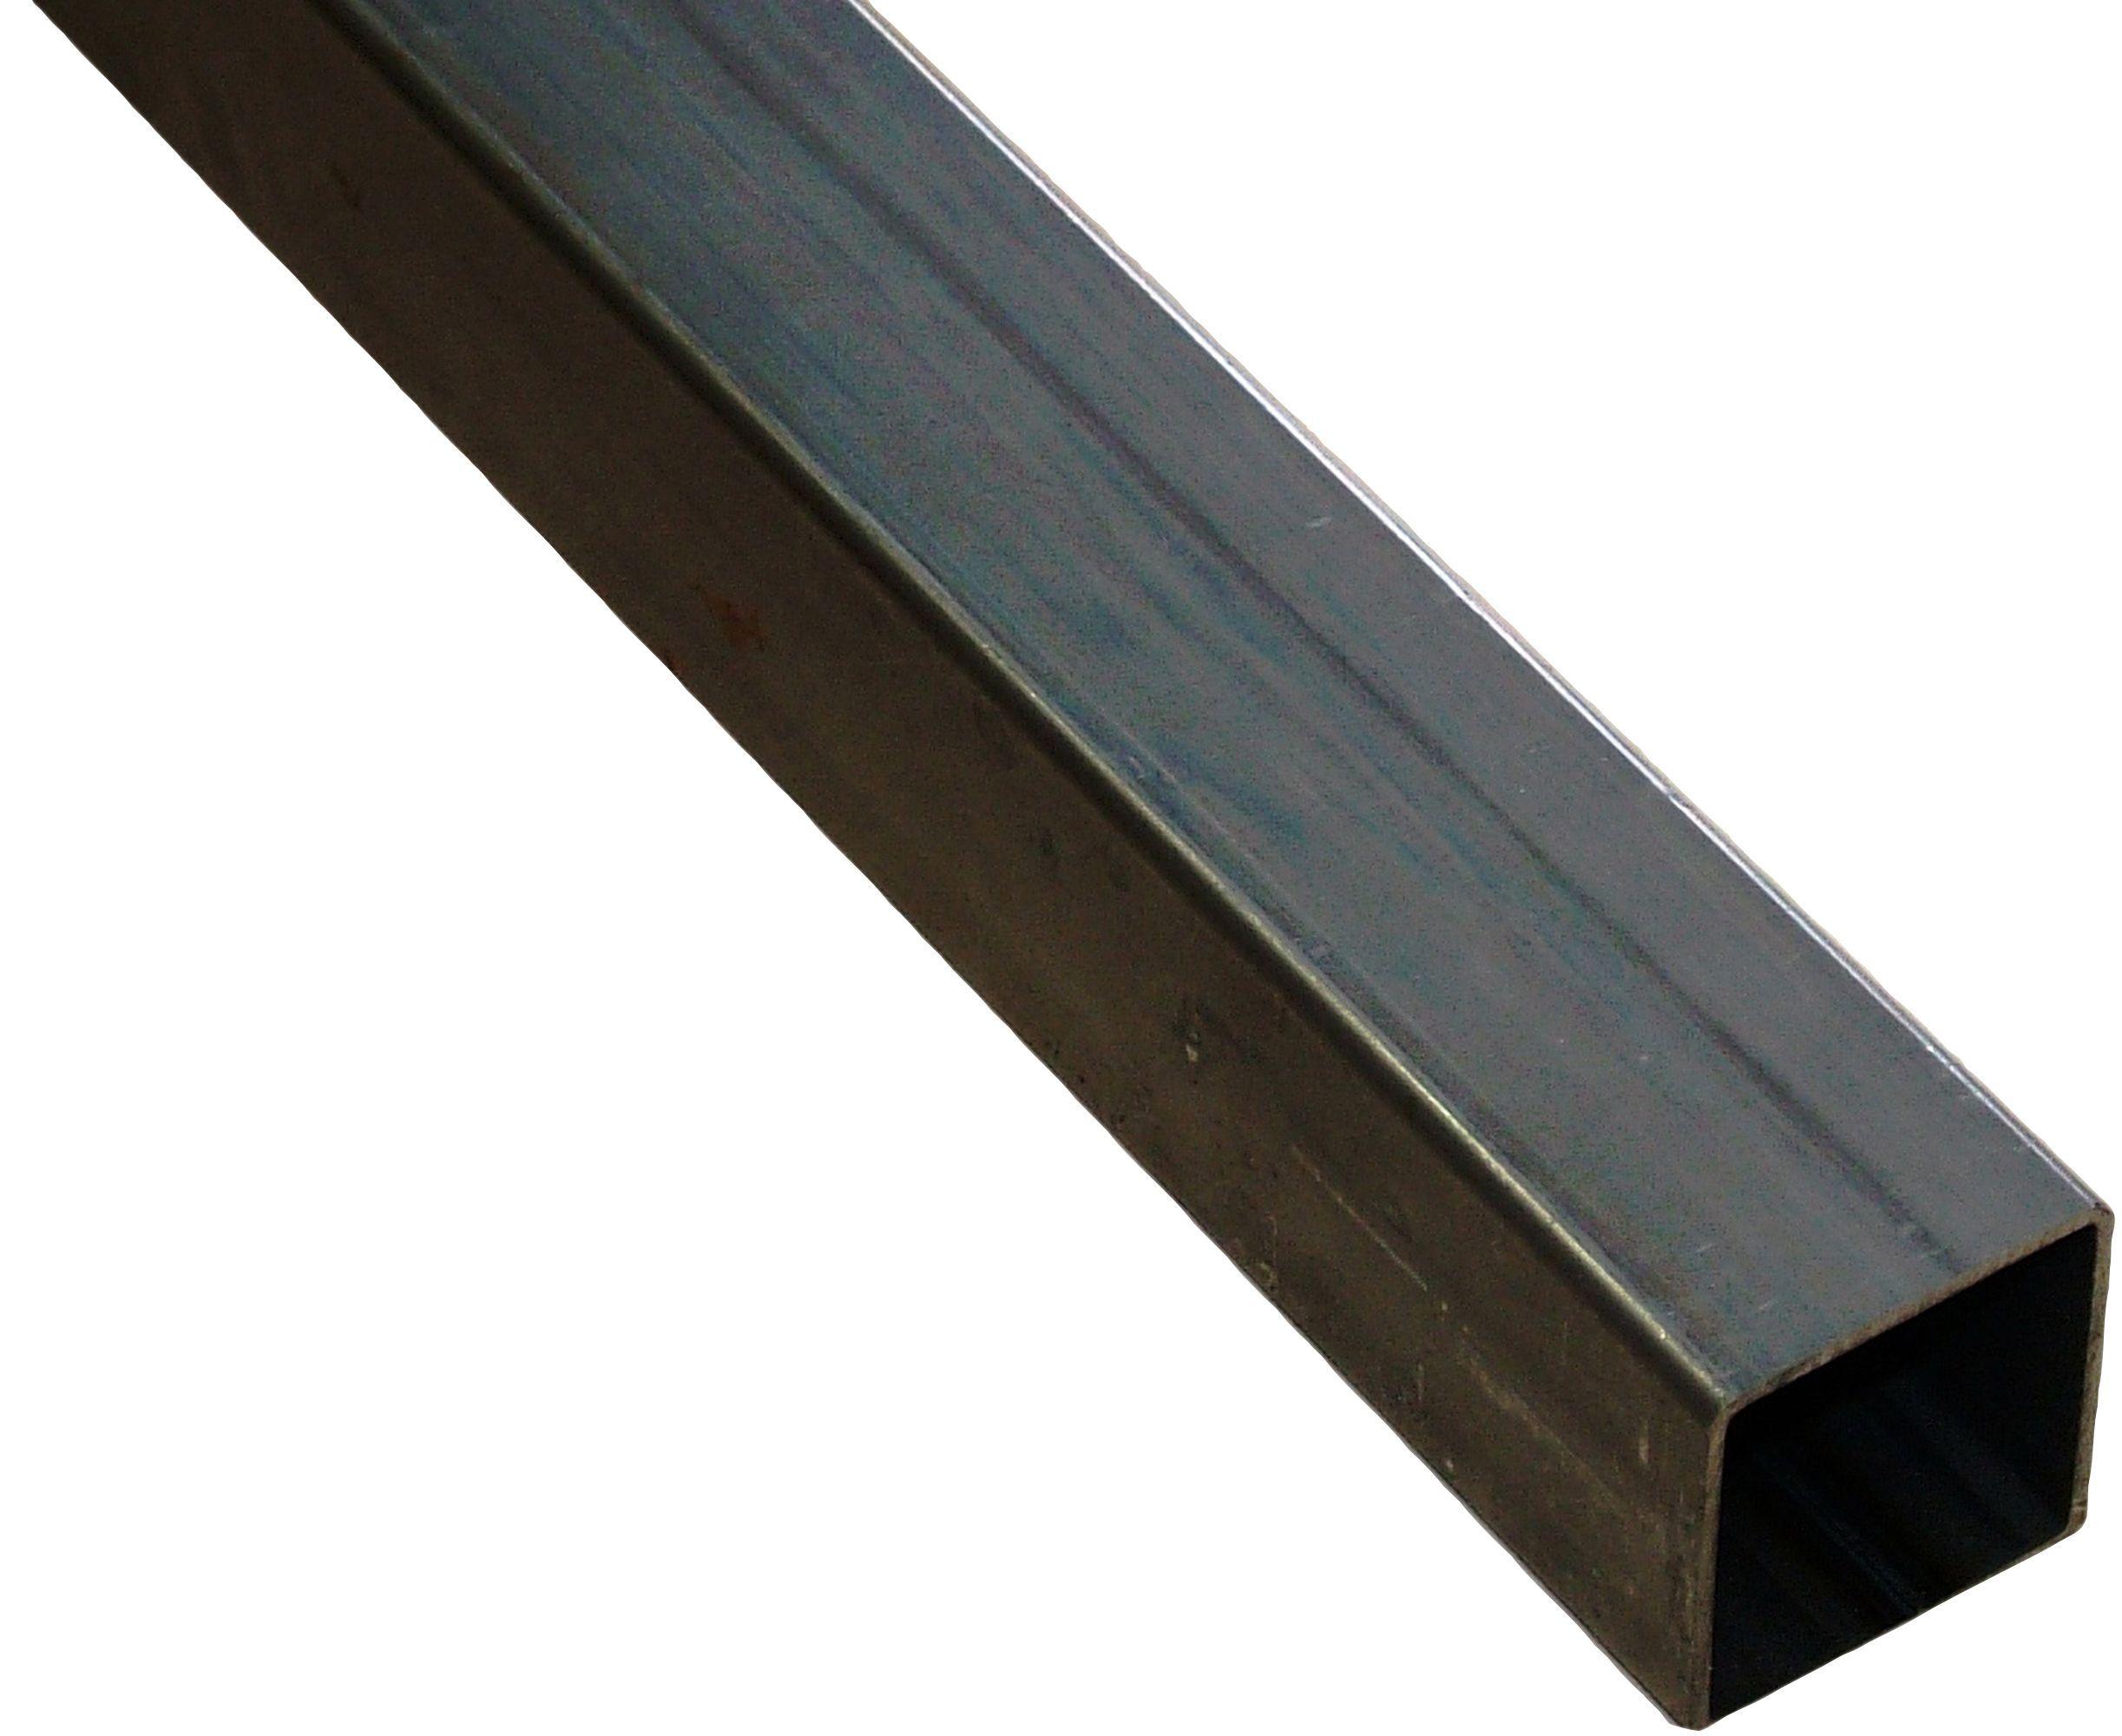 Varnished Steel Square Tube H 20mm W 20mm L 1m